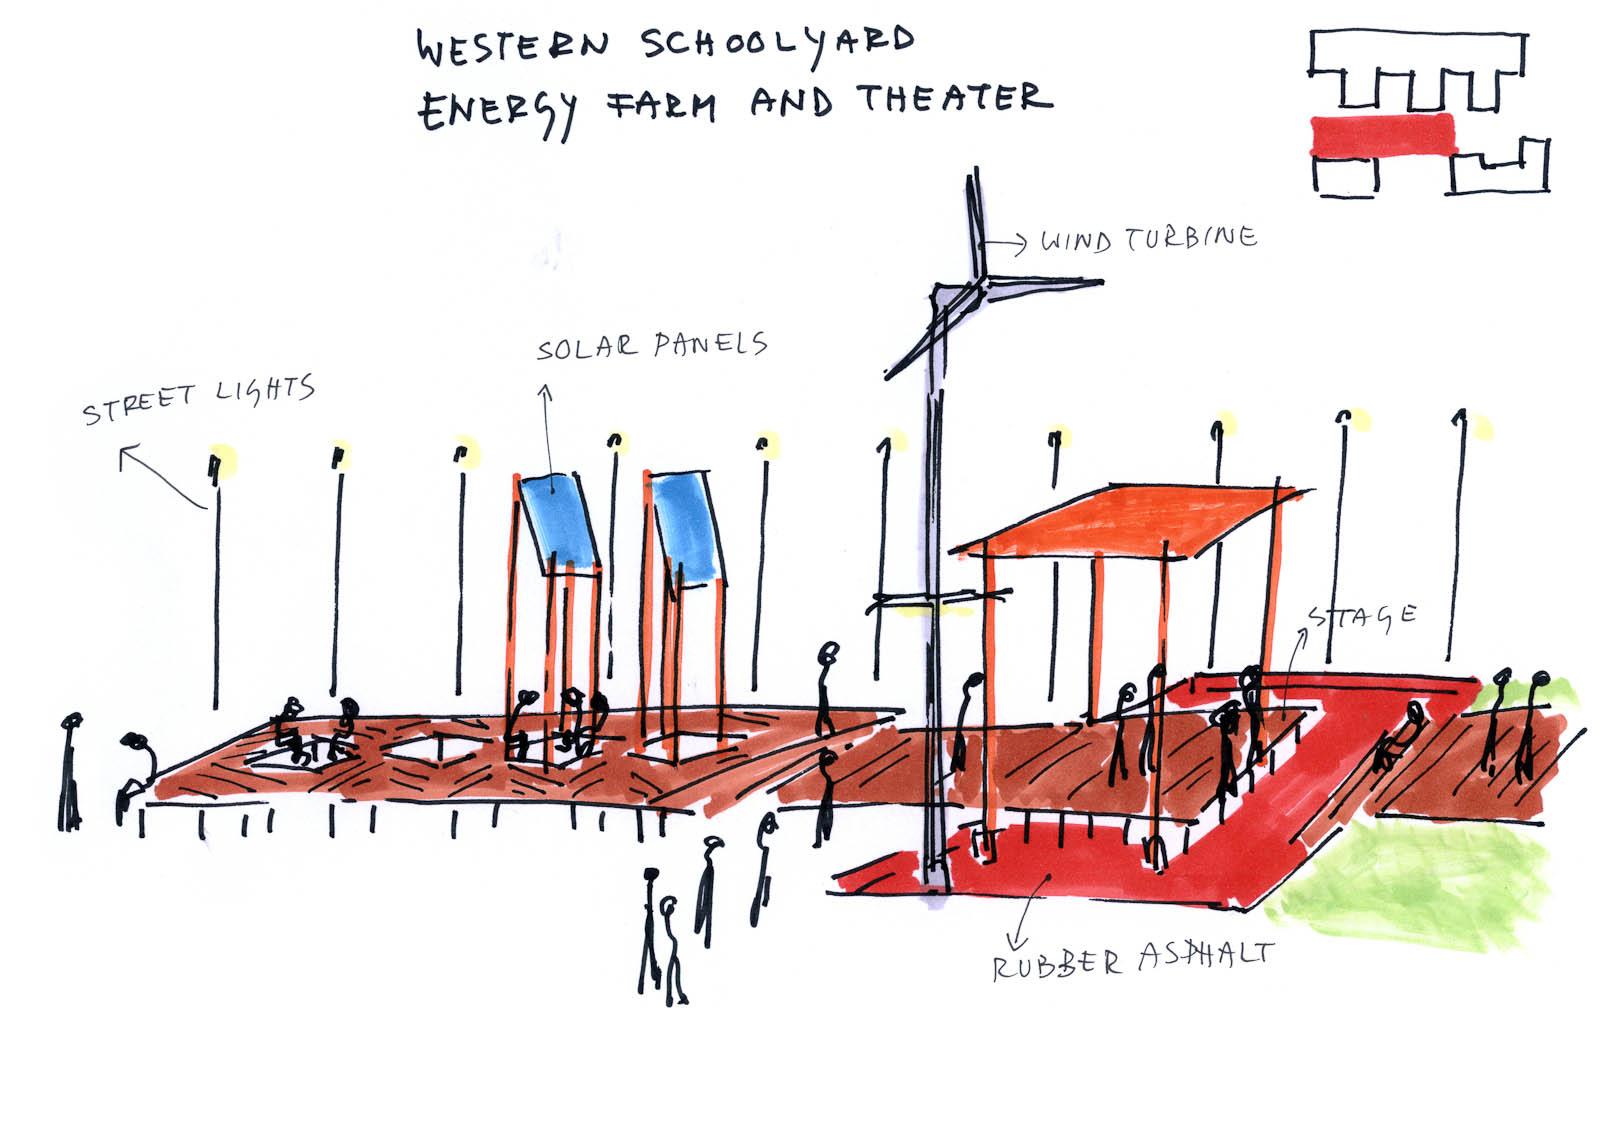 Skiss av skolgård med solpaneler och vindsnurra. Marjetica Potrc och STEALTH, Fruit and Energy Farms in a Public Square.